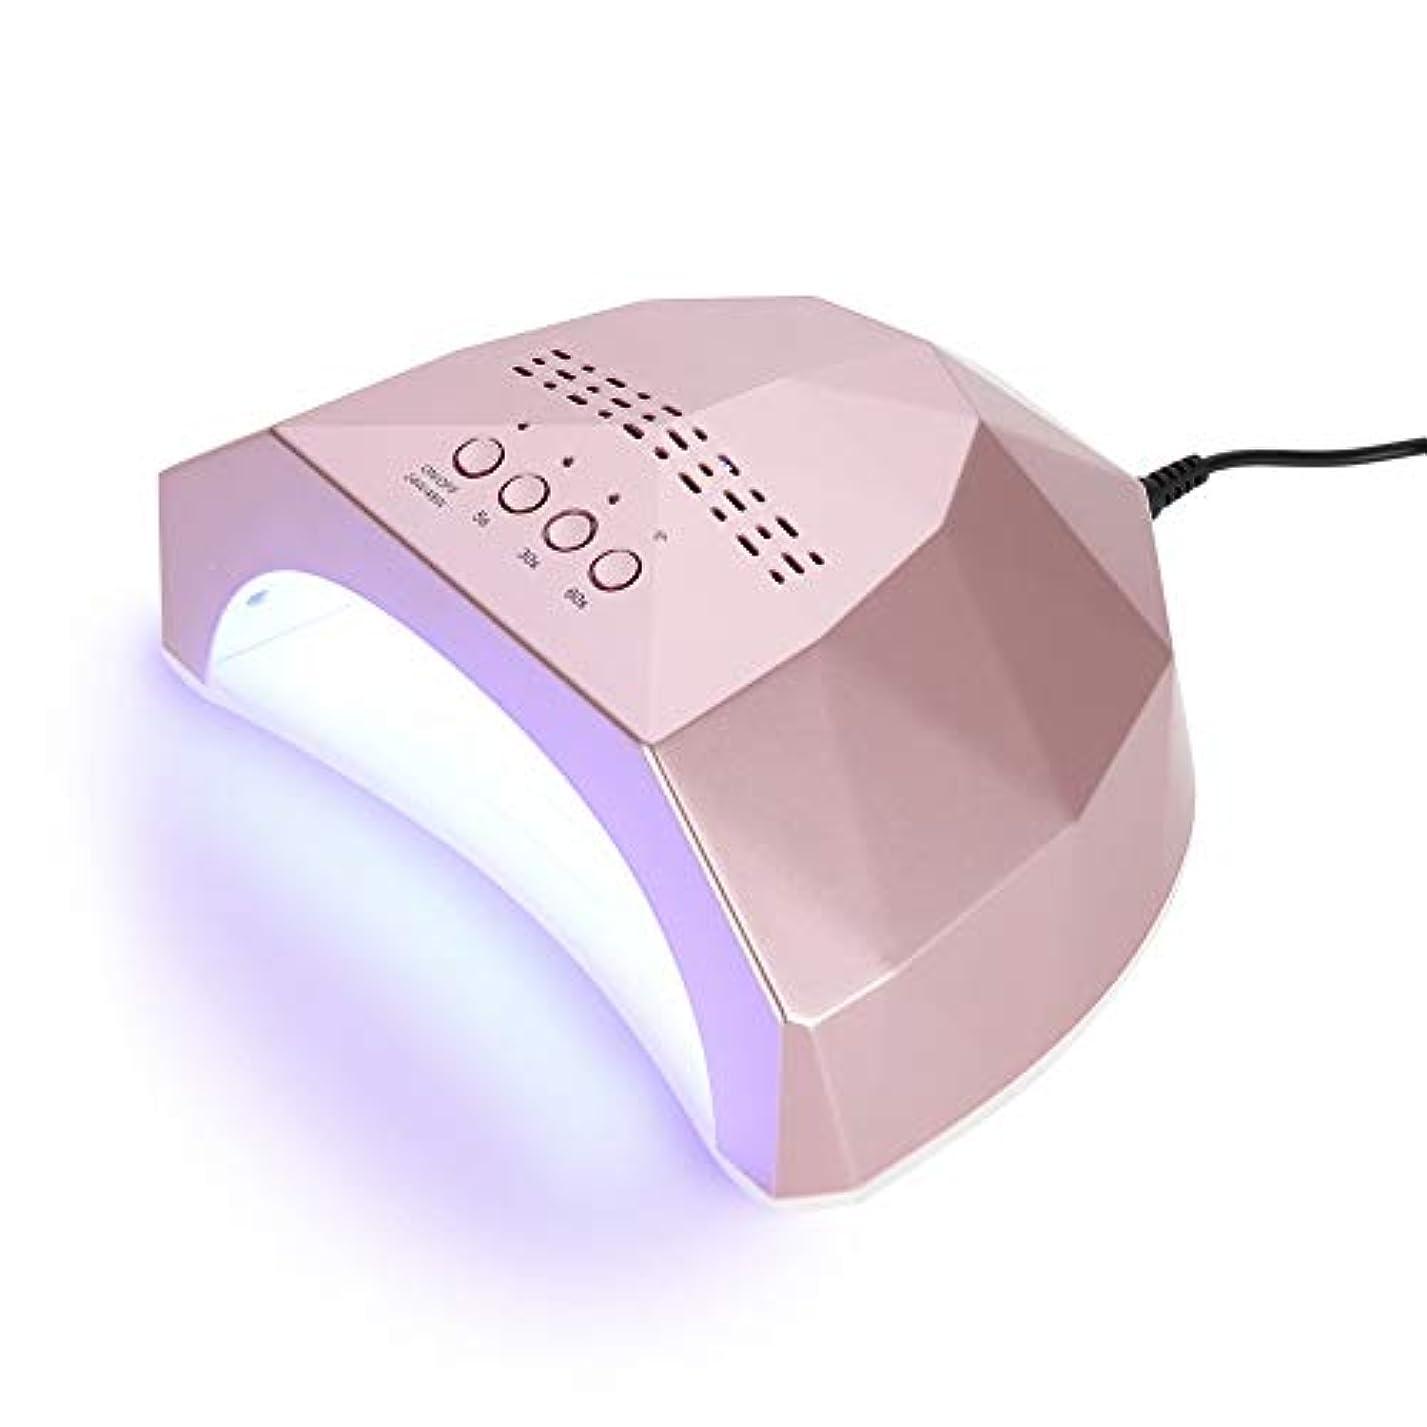 シビックシロクマ大胆48W ネイルアートLEDランプ ネイルドライヤー LED釘ランプのドライヤーラン 硬化マニキュア (Rose Gold)